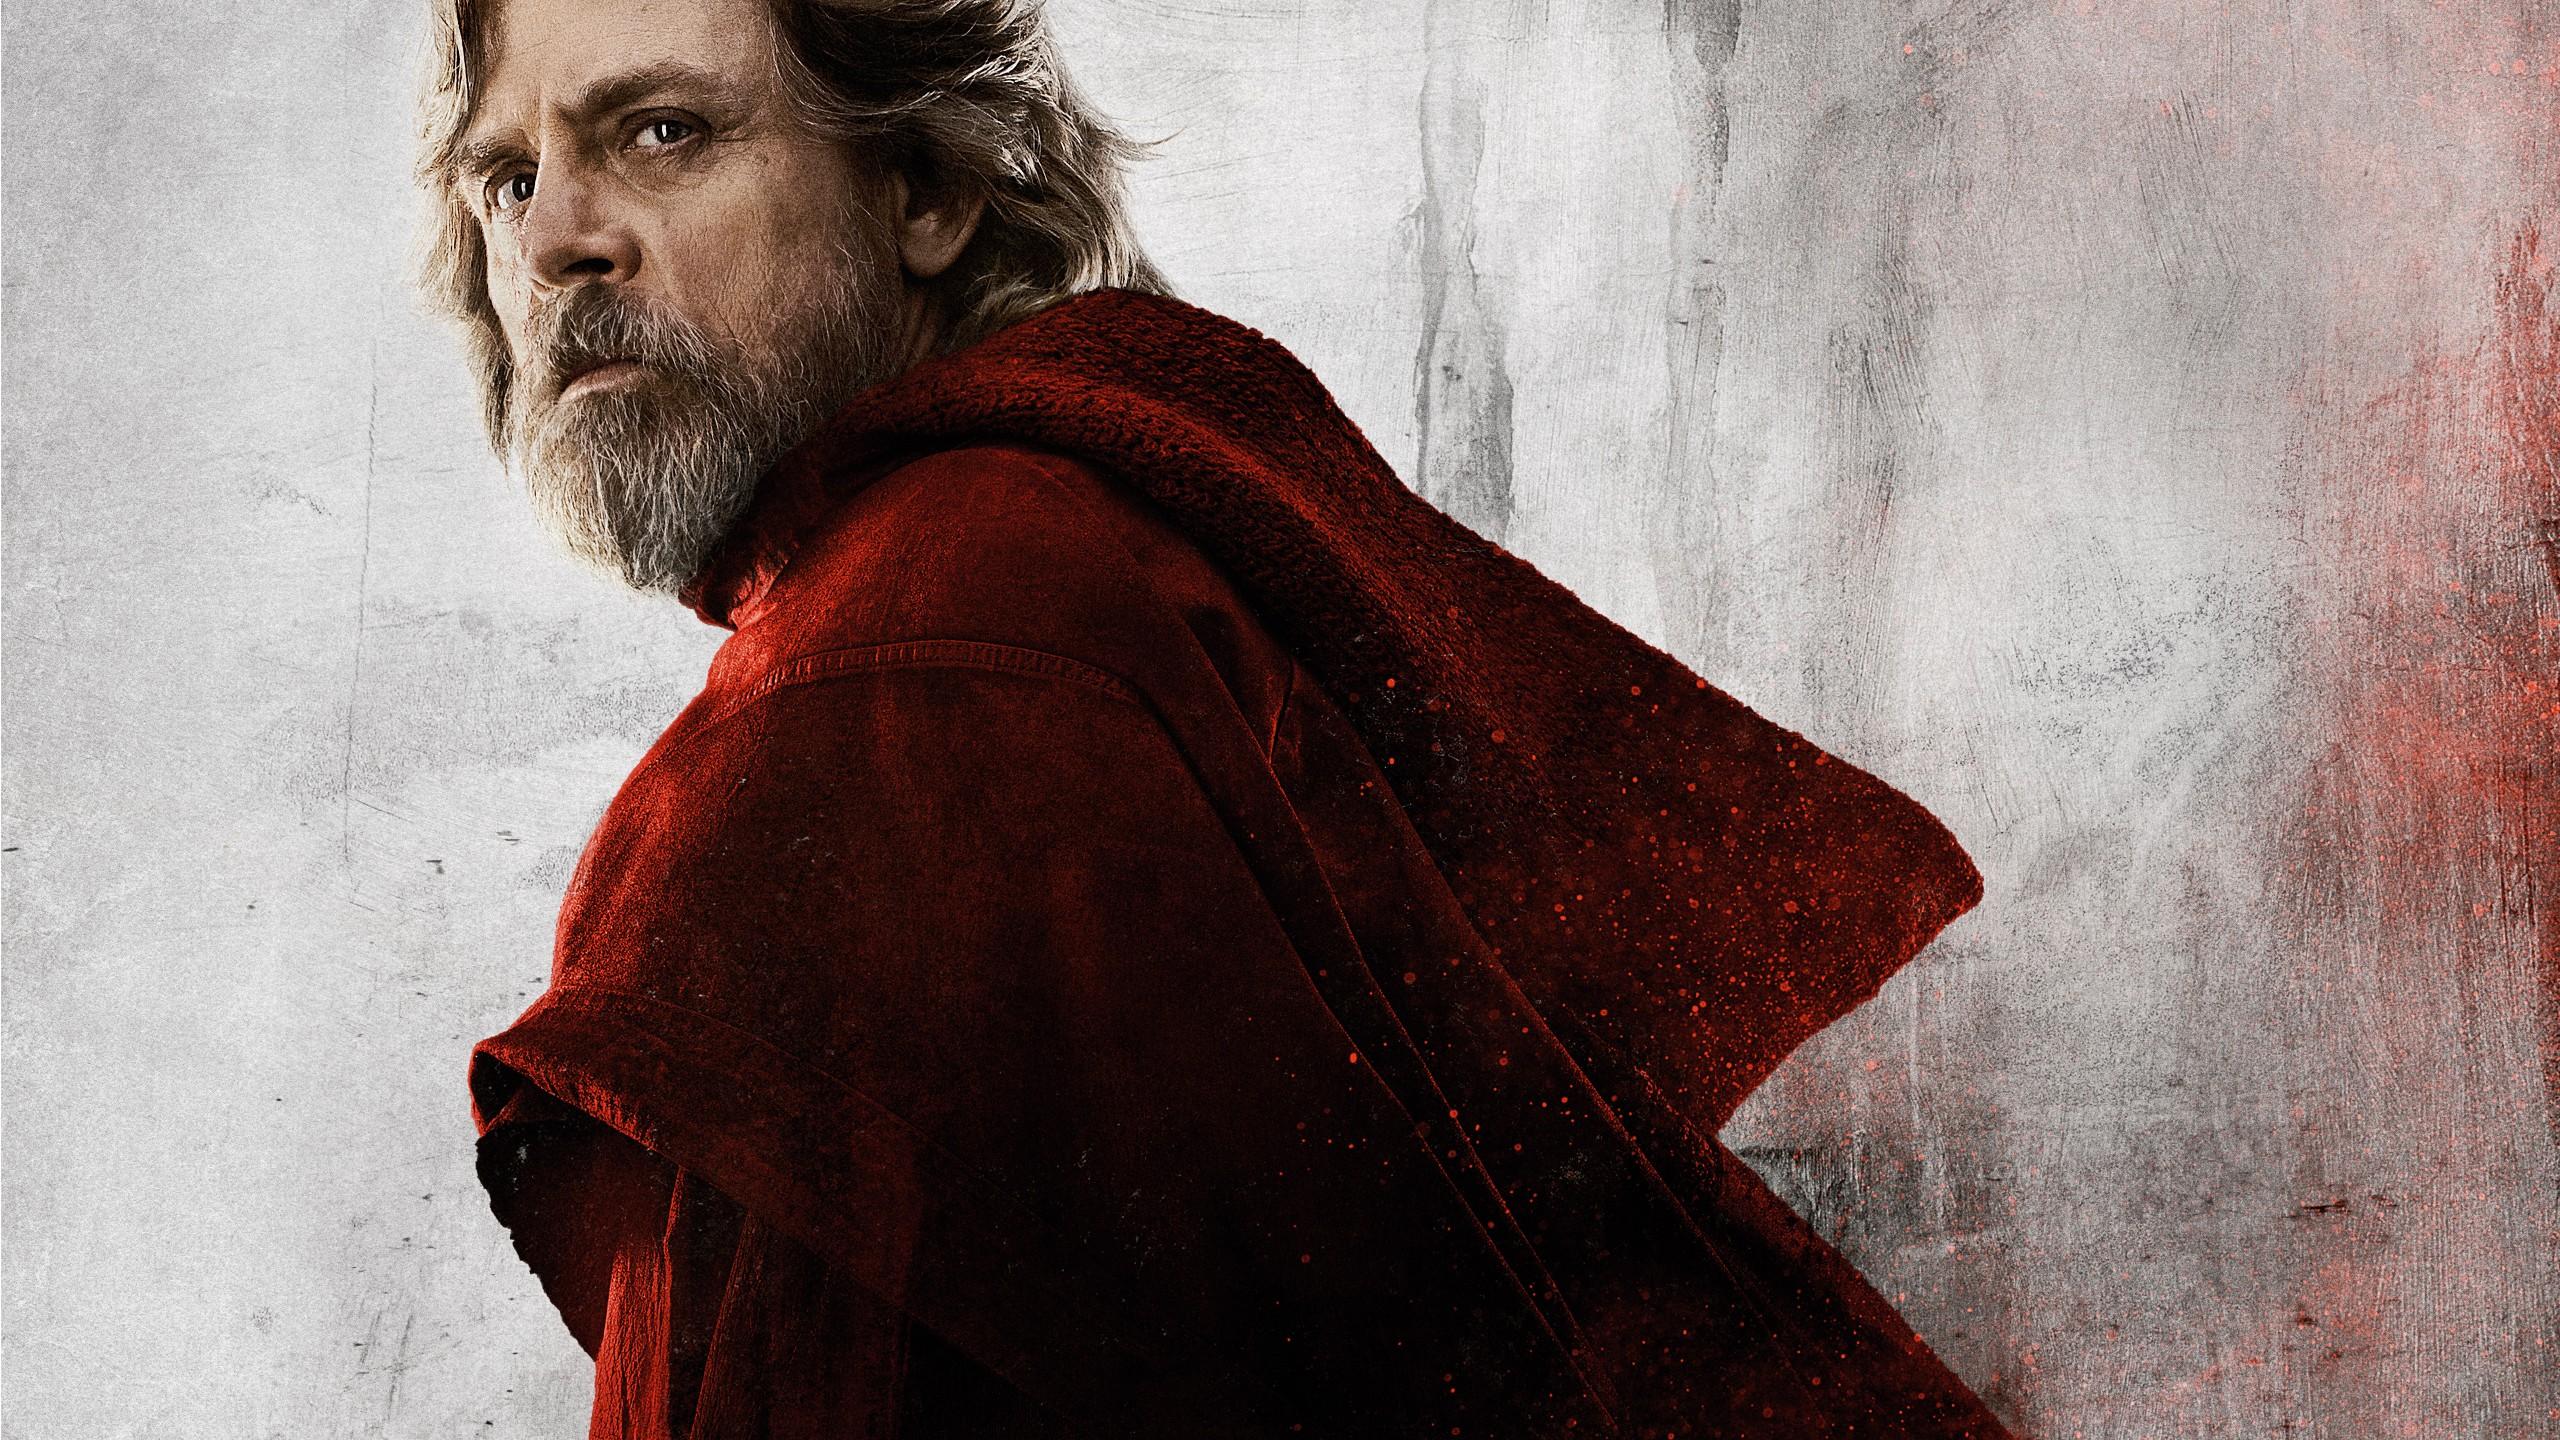 Wallpaper Star Wars The Last Jedi Mark Hamill 8k Movies 15103 2560x1440